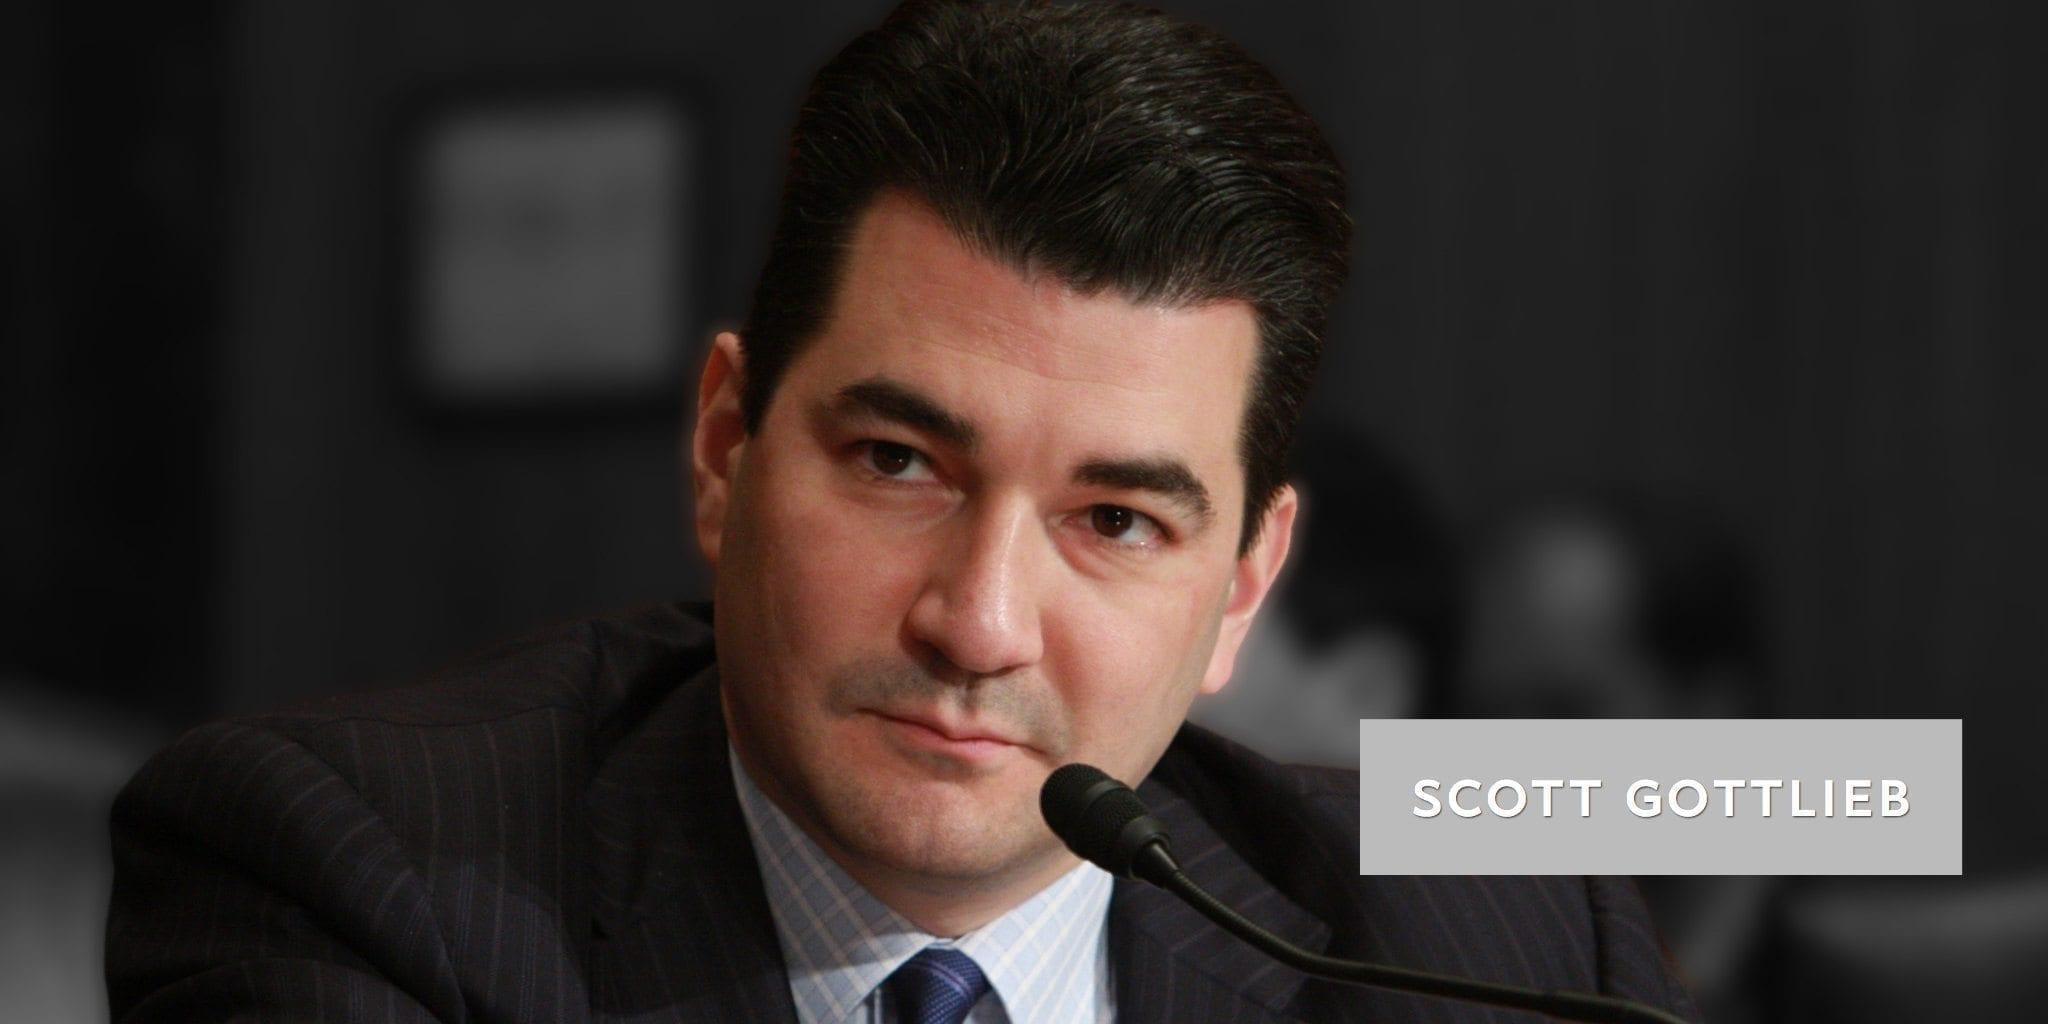 Scott Gottlieb for the FDA